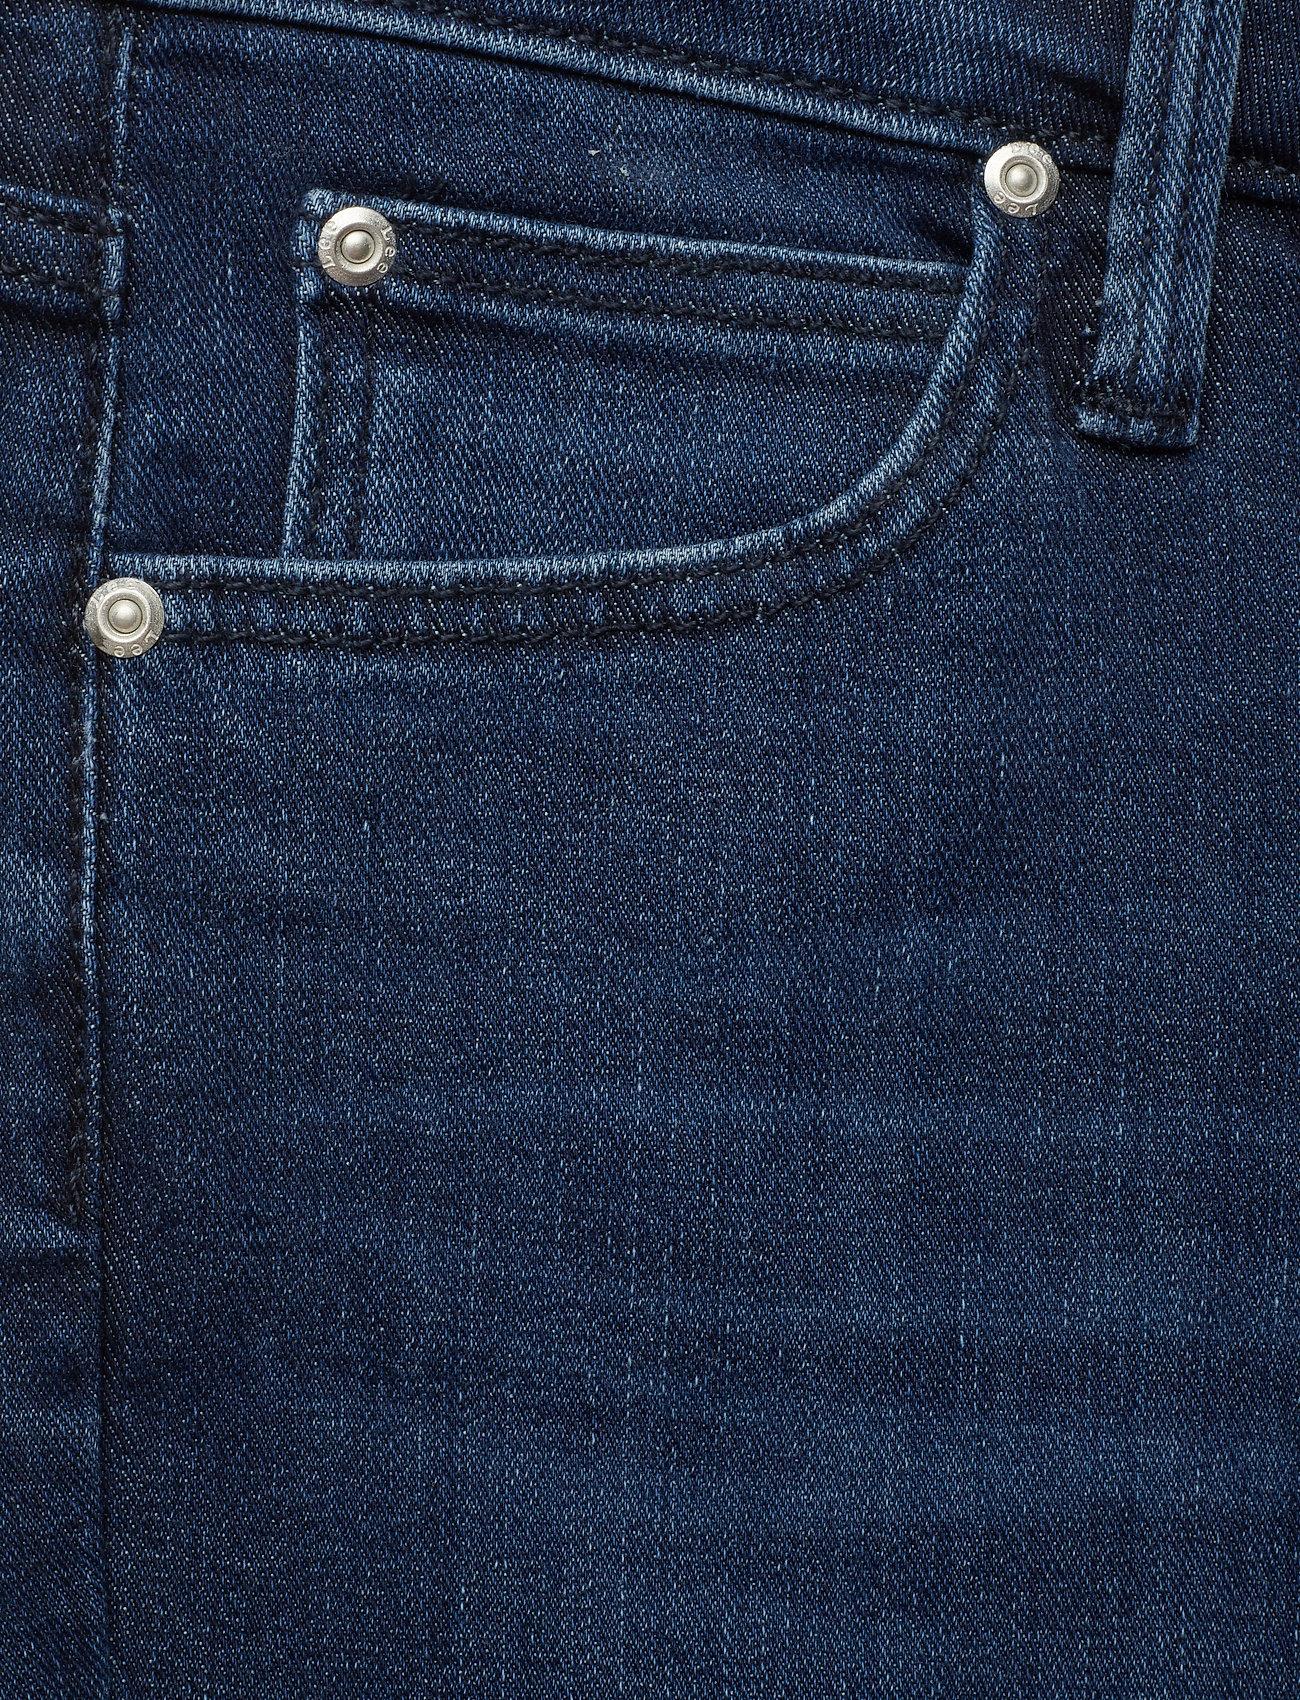 InLee Croppedsitka Worn Jeans Scarlett 34LR5AScjq